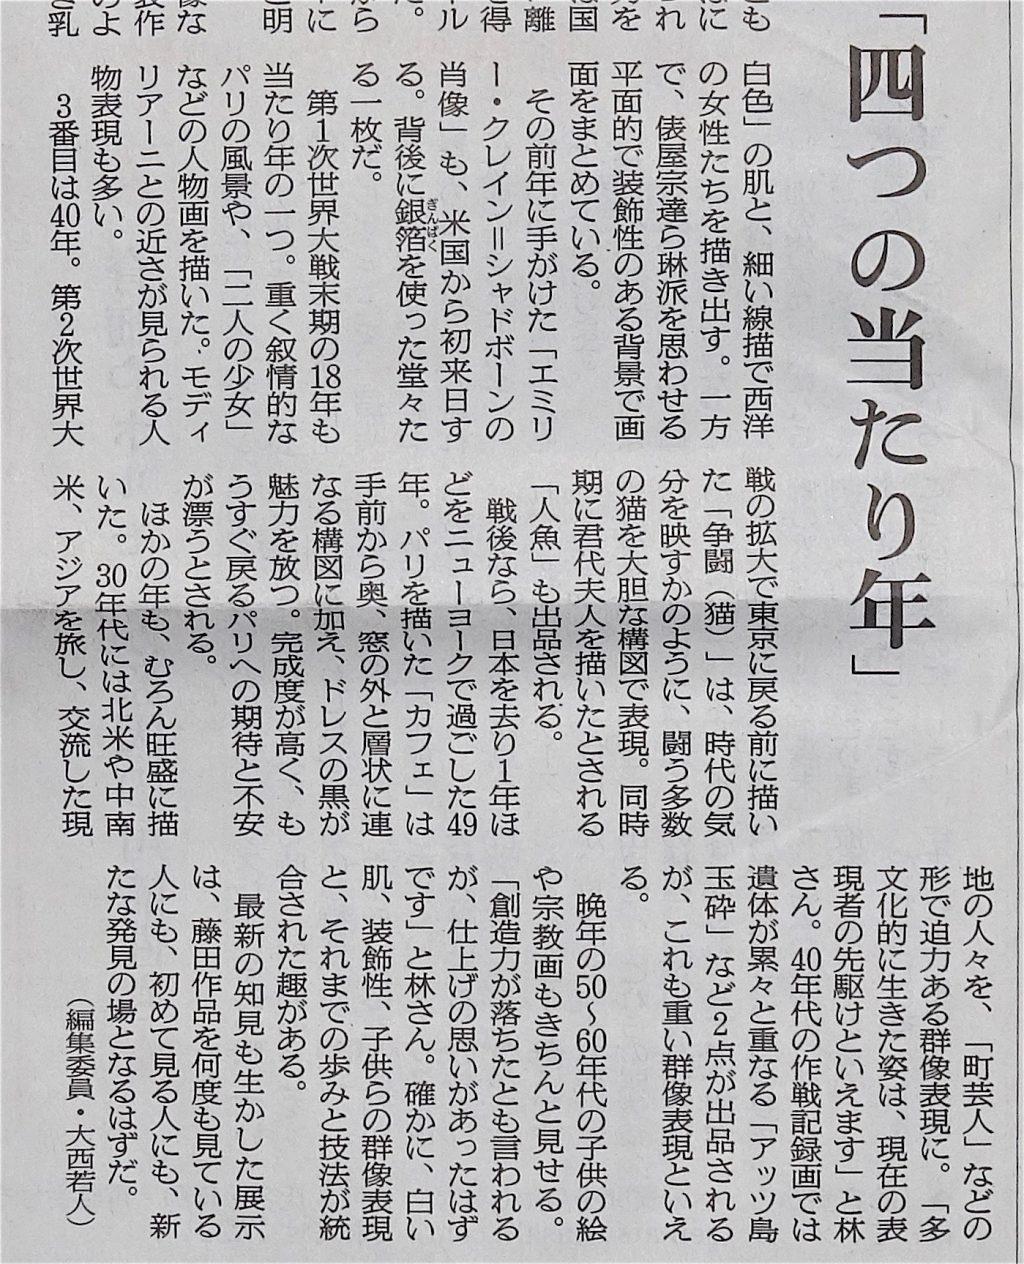 藤田嗣治 レオナール・フジタ・朝日新聞、2018年7月28日